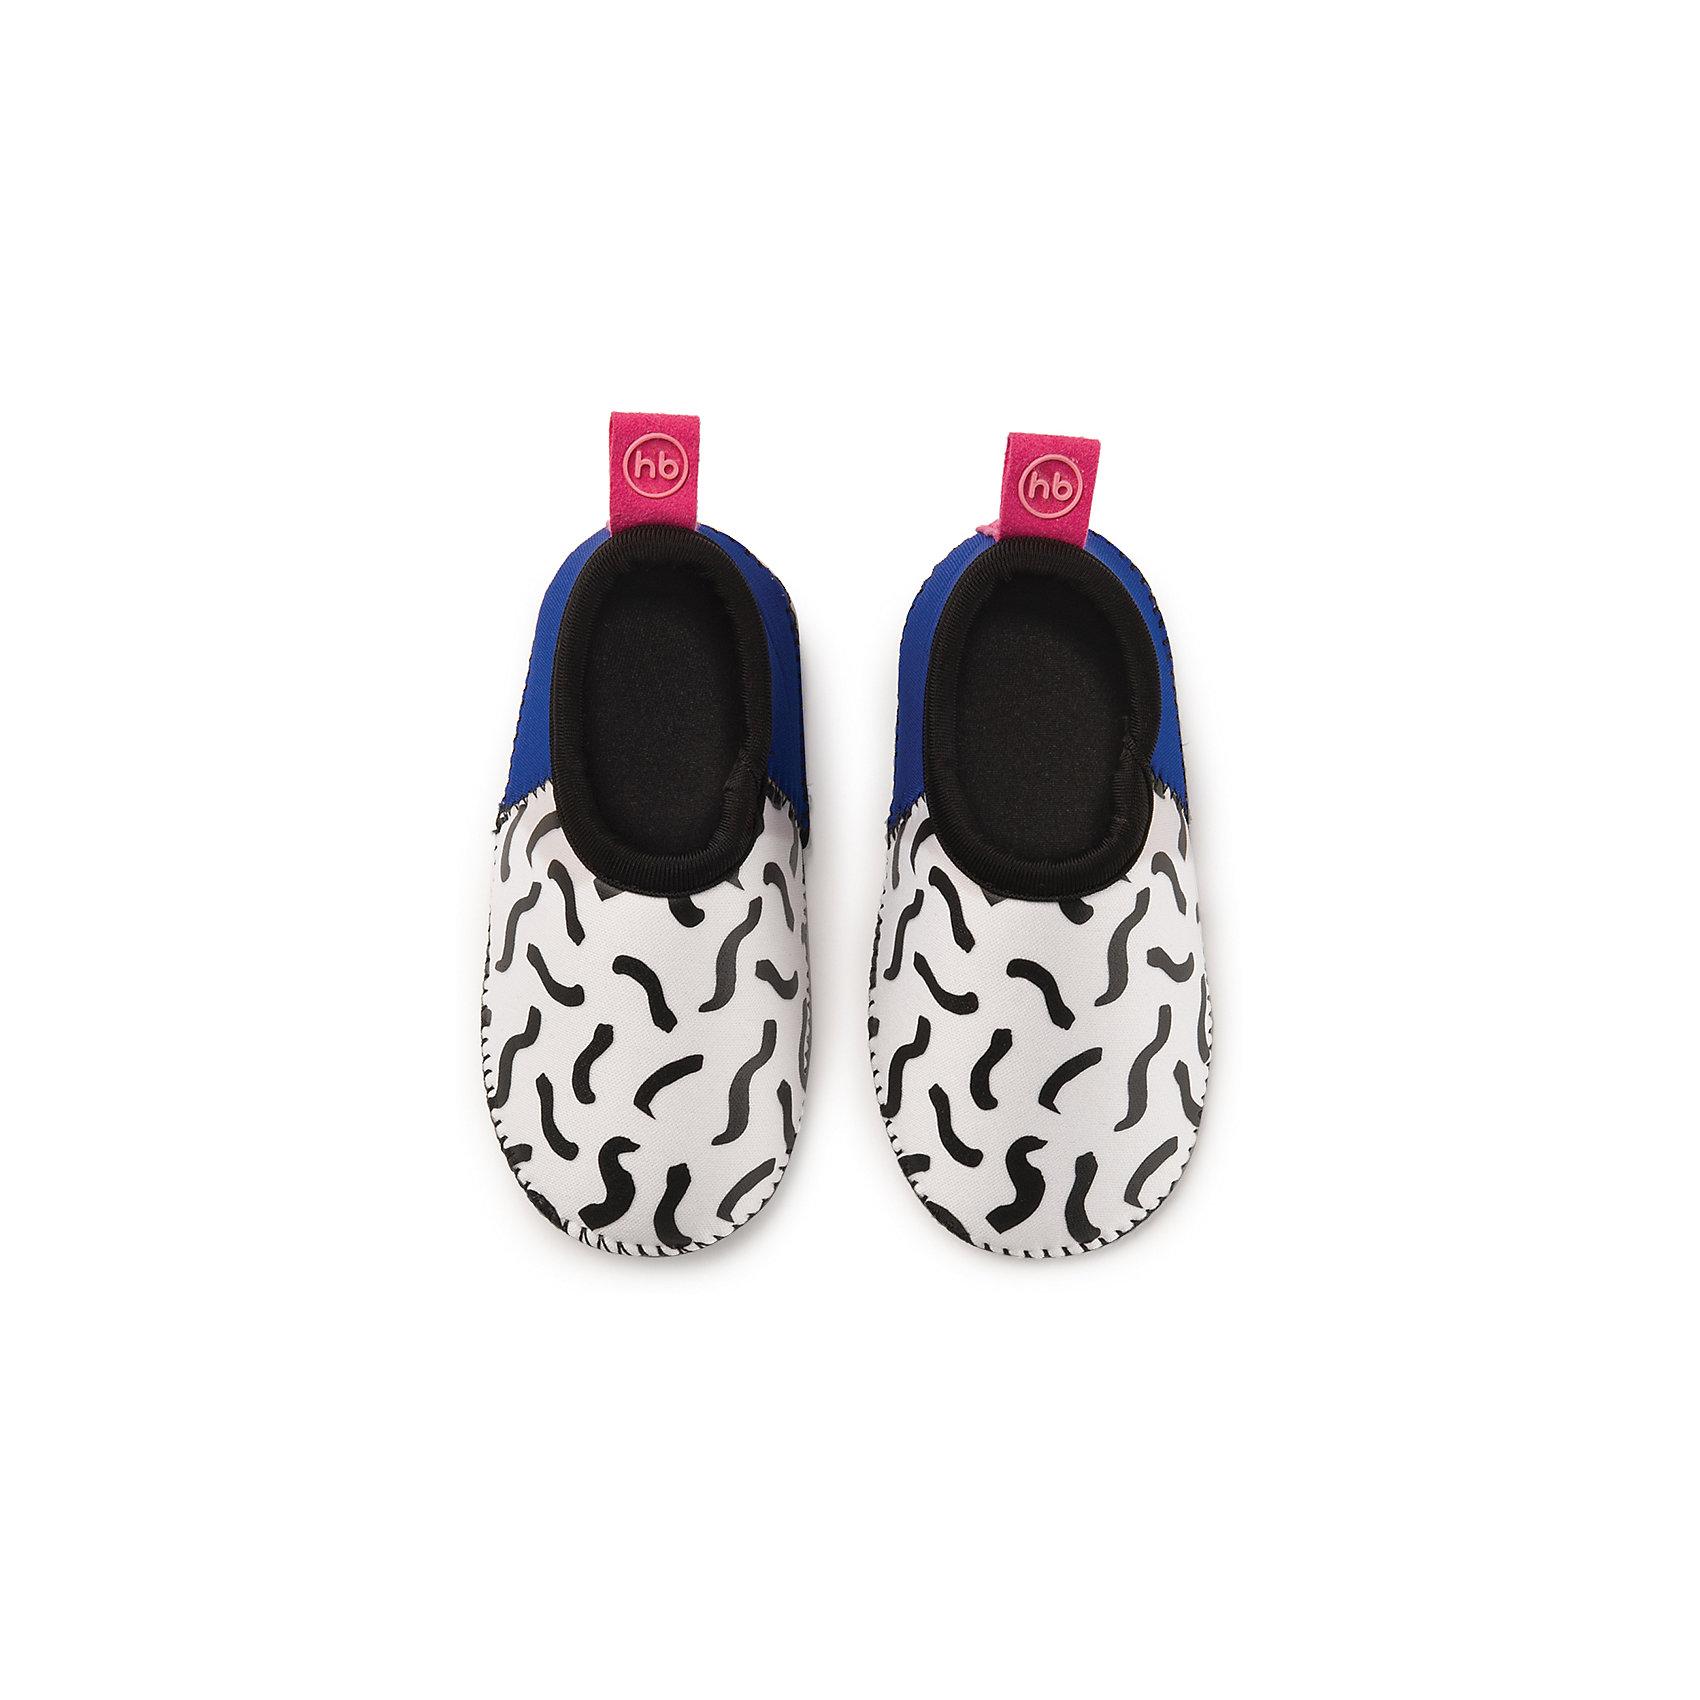 Плавательные тапочки для мальчика размер 26, Happy BabyПляжная обувь<br>Тапочки для плавания HBтм сделают активный отдых ребенка на море ещё более приятным. В этой обуви малыш сможет уверенно ходить по камням, горячему песку или скользкой поверхности. Во время плавания ребёнок чувствует себя естественно, ведь тапочки изготовлены из лёгкого и приятного на ощупь материала. Водонепроницаемые и теплоудерживающие тапочки для плавания HBтм помогут сохранить ножки ребёнка в тепле и безопасности. Длина стельки 14,9 см<br><br>Ширина мм: 40<br>Глубина мм: 60<br>Высота мм: 190<br>Вес г: 57<br>Возраст от месяцев: 24<br>Возраст до месяцев: 36<br>Пол: Унисекс<br>Возраст: Детский<br>SKU: 6681119